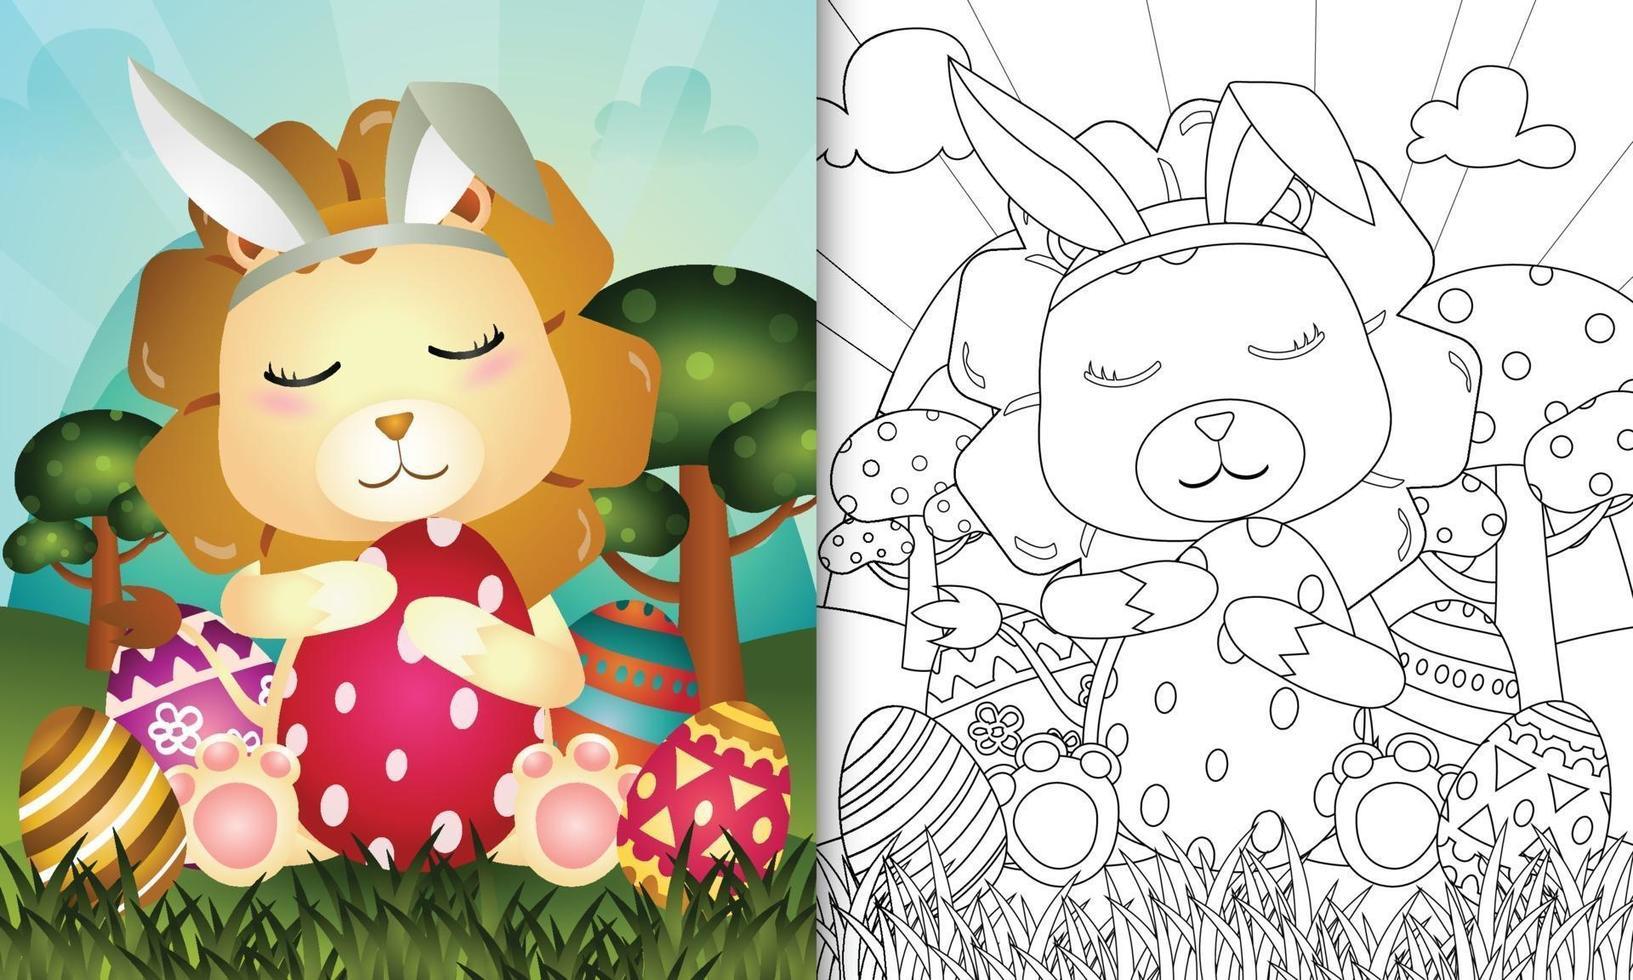 livro de colorir para crianças com o tema Páscoa com um leão fofo usando orelhas de coelho vetor